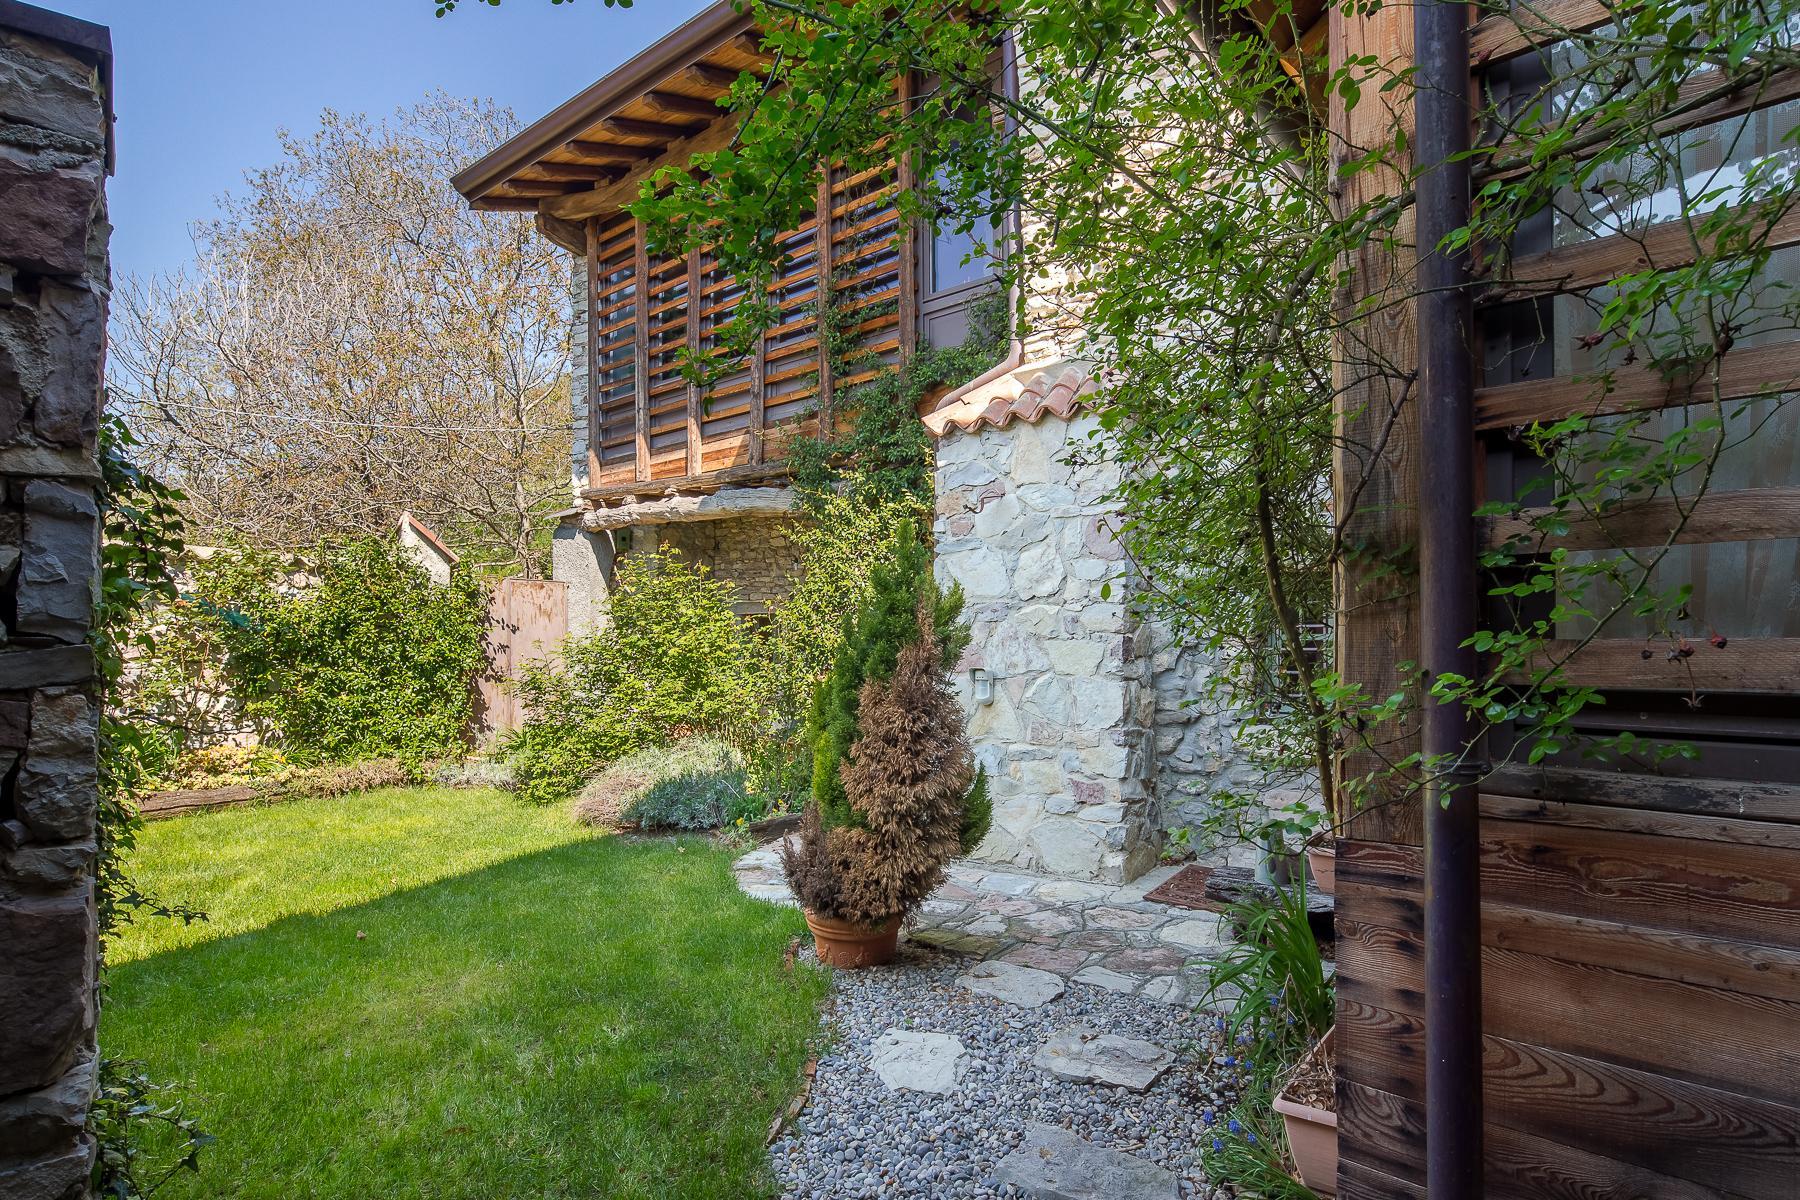 坐落在山坡之上安静村庄内的石头房屋 - 11